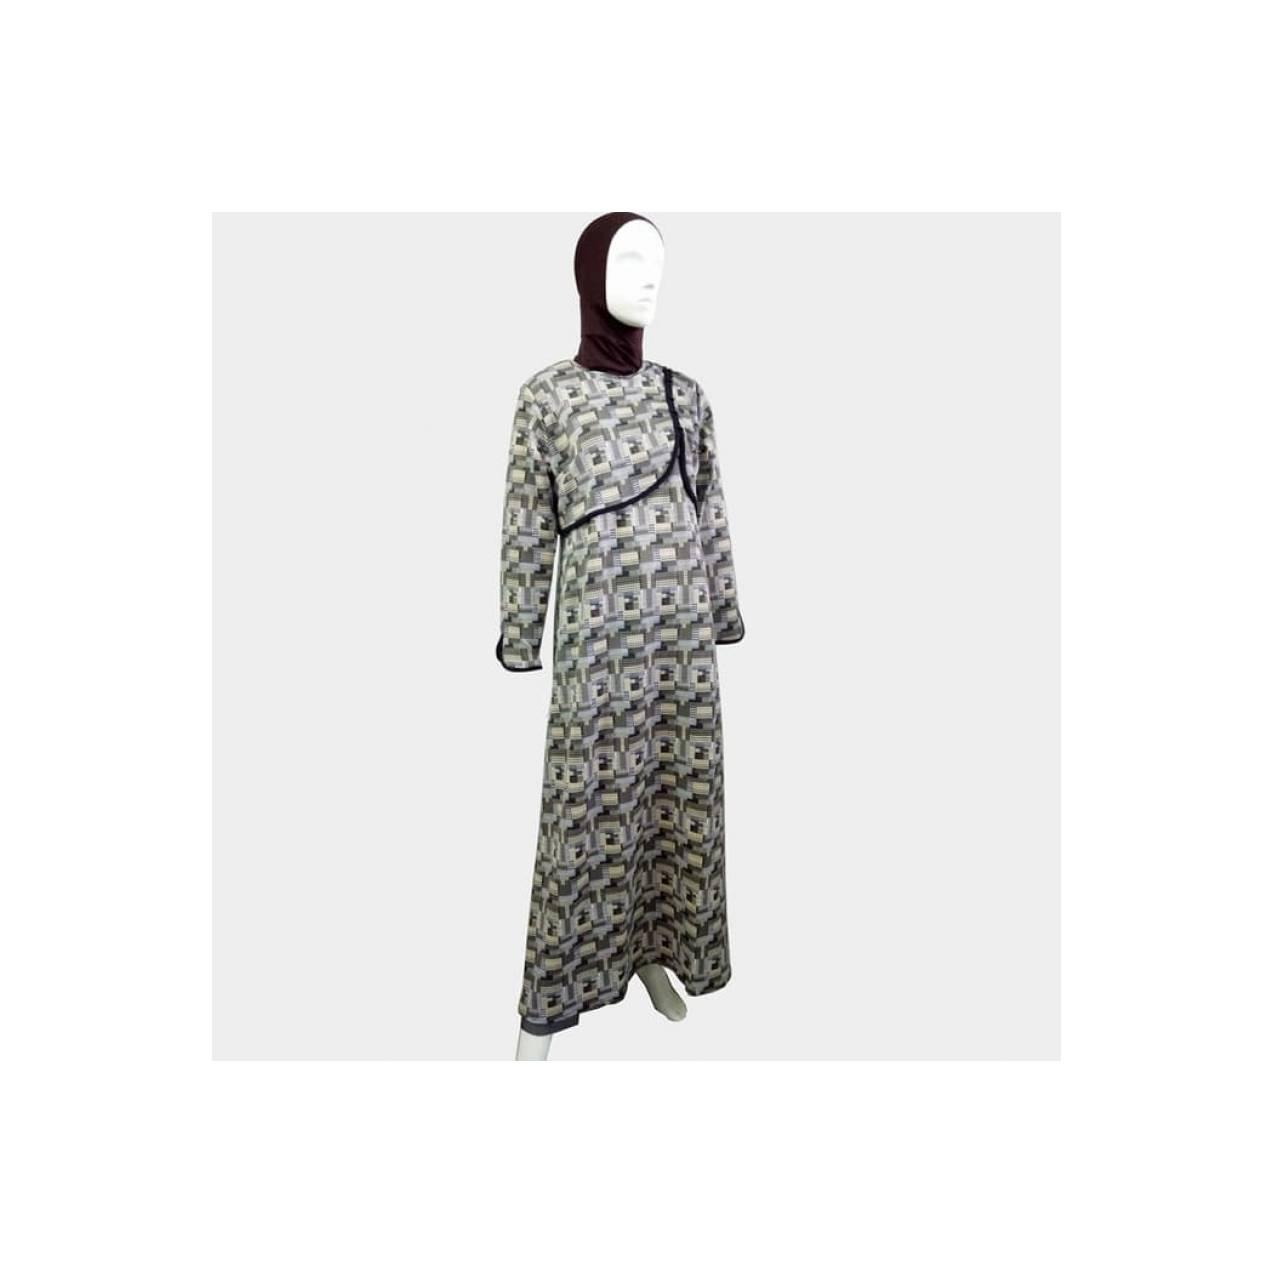 New Arrival Gamis Muslimah Dress Motif Cantik - Fadiya Dress Zoya